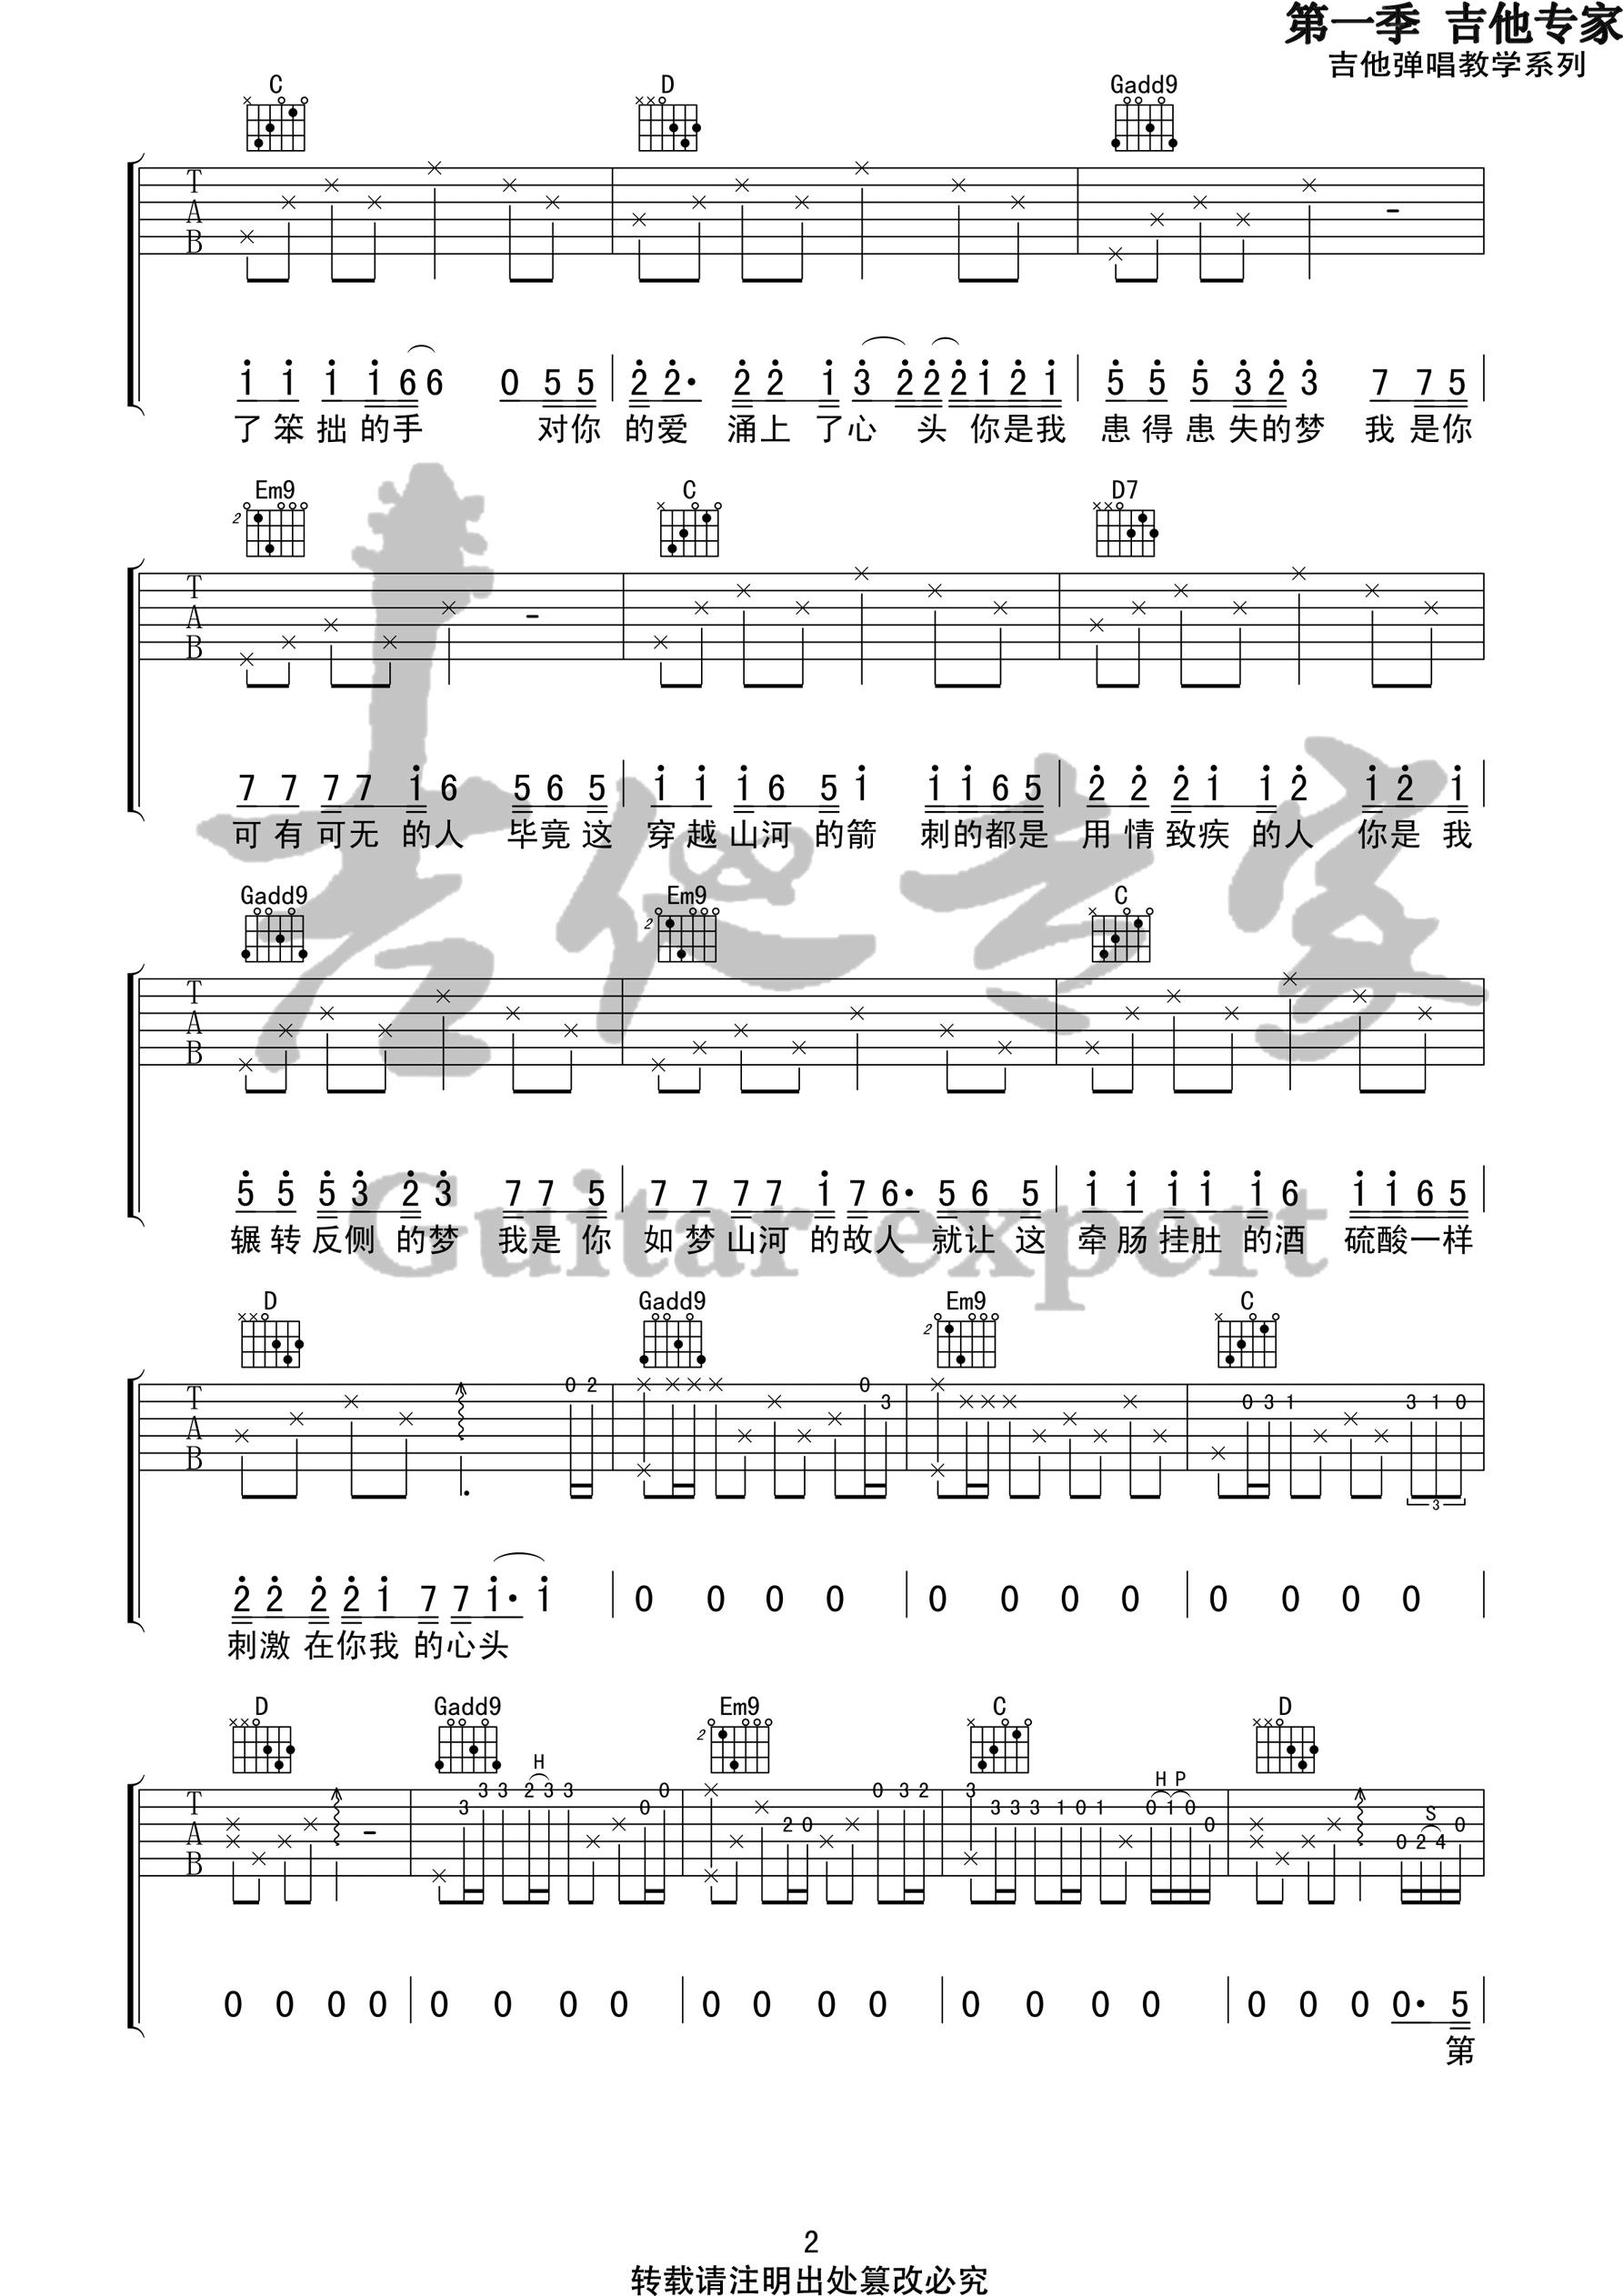 寫給黃淮-解憂邵帥-图片吉他谱-2